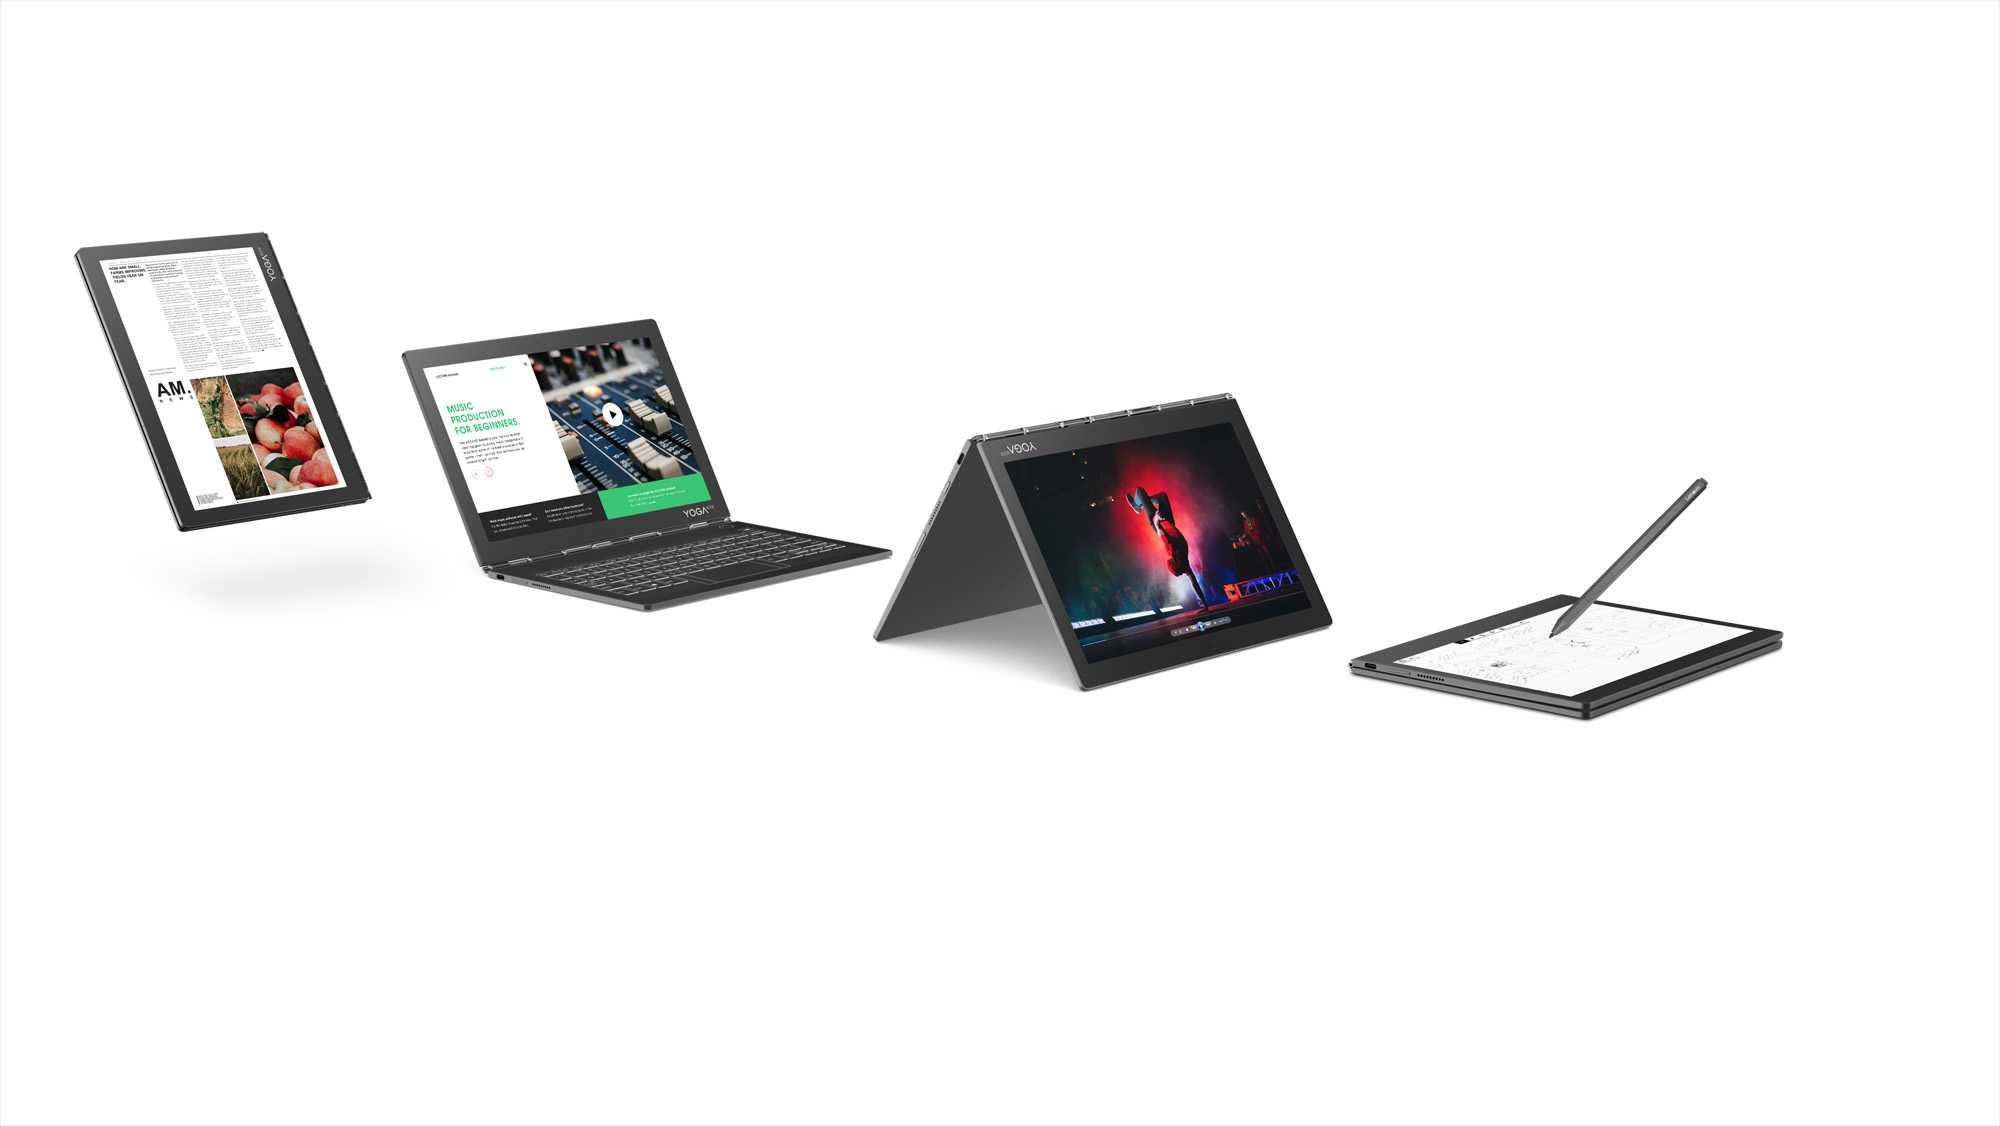 Das Yoga Book C930 hat keine physische Tastatur, sondern einen finger- undstiftbedienbaren E-Ink-Zweitbildschirm.